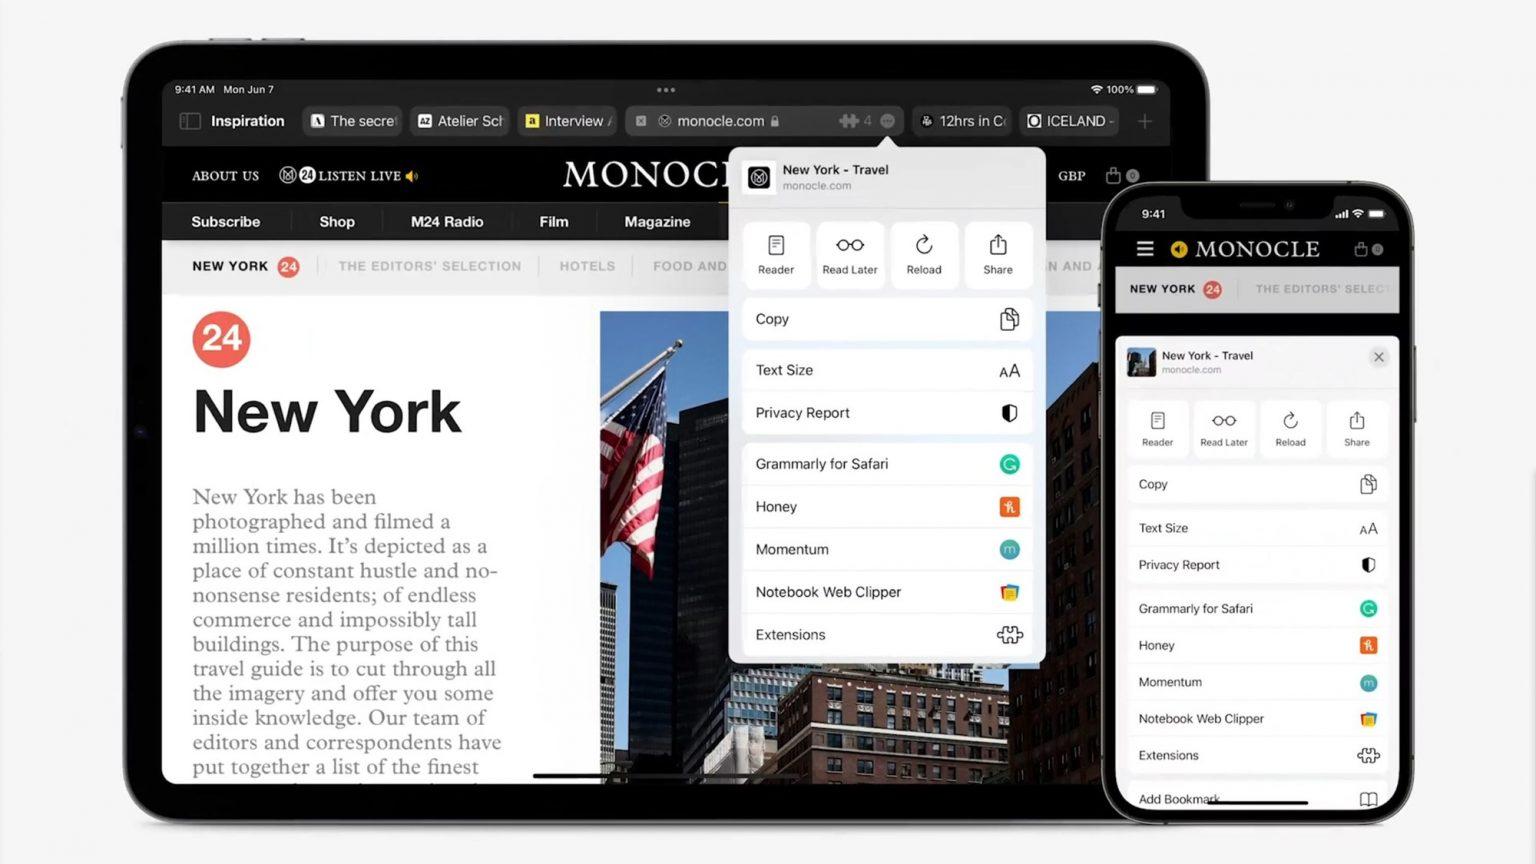 Safari on iPhone and iPad